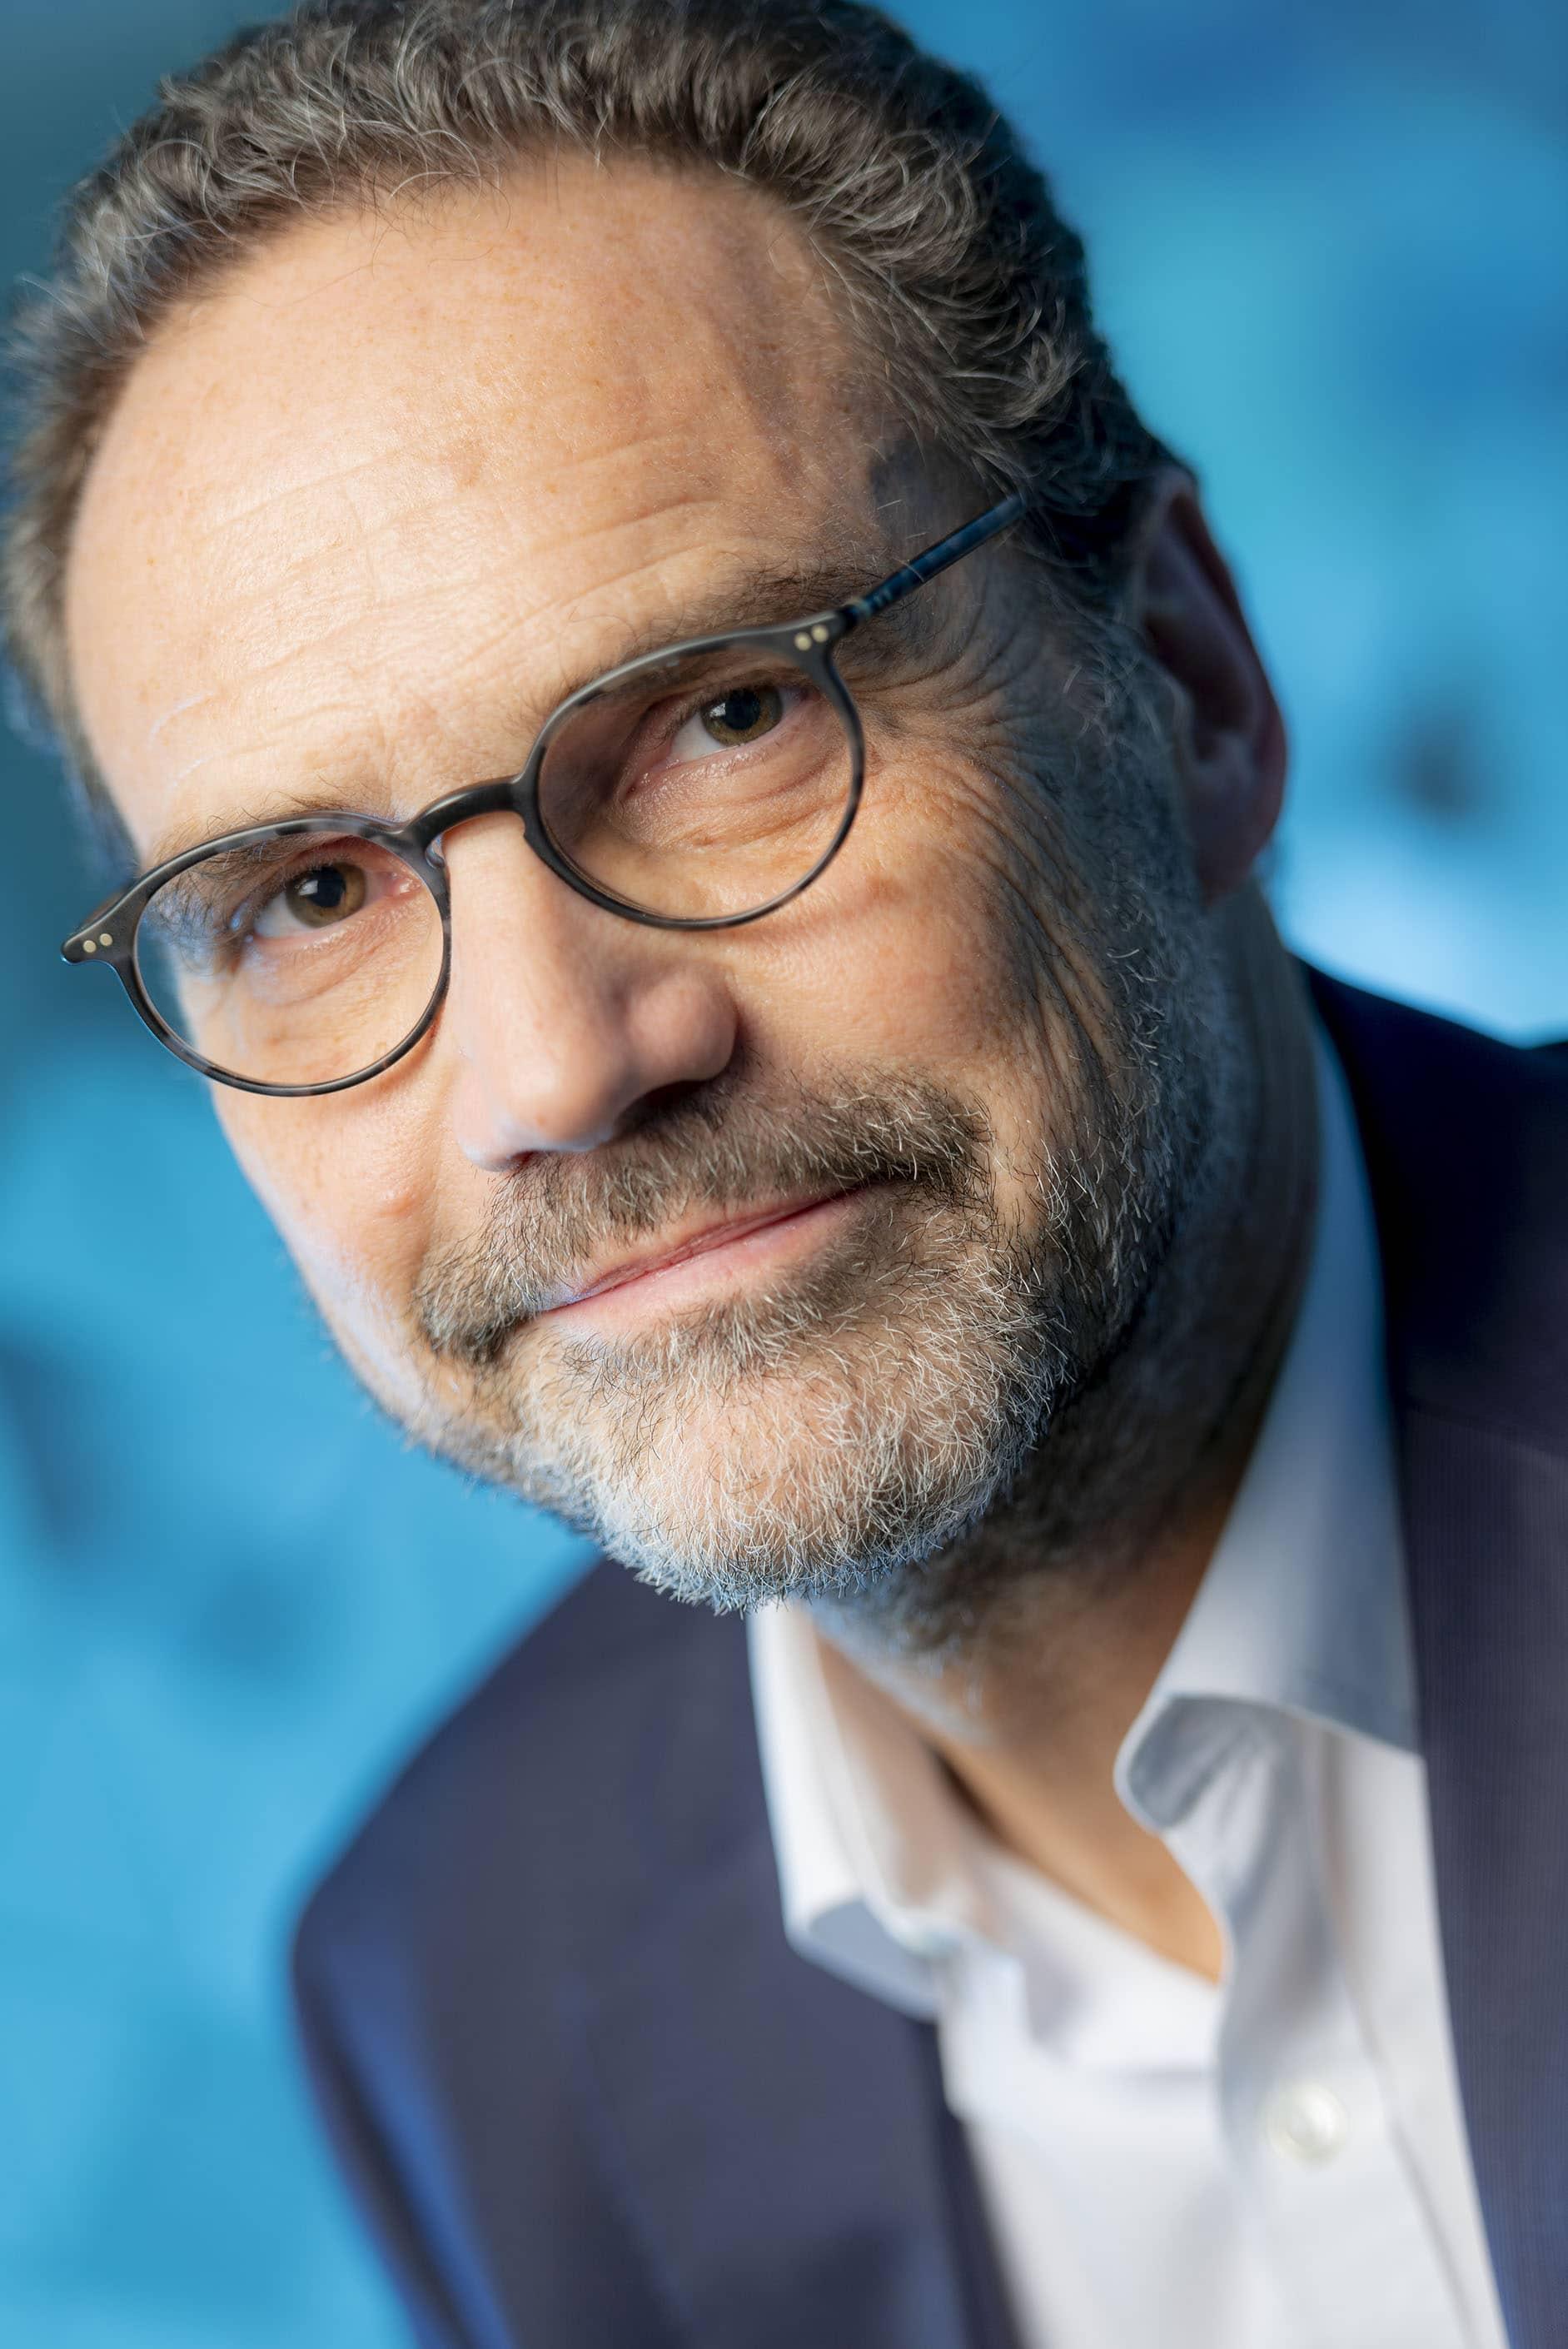 Henri-Jacques Letellier